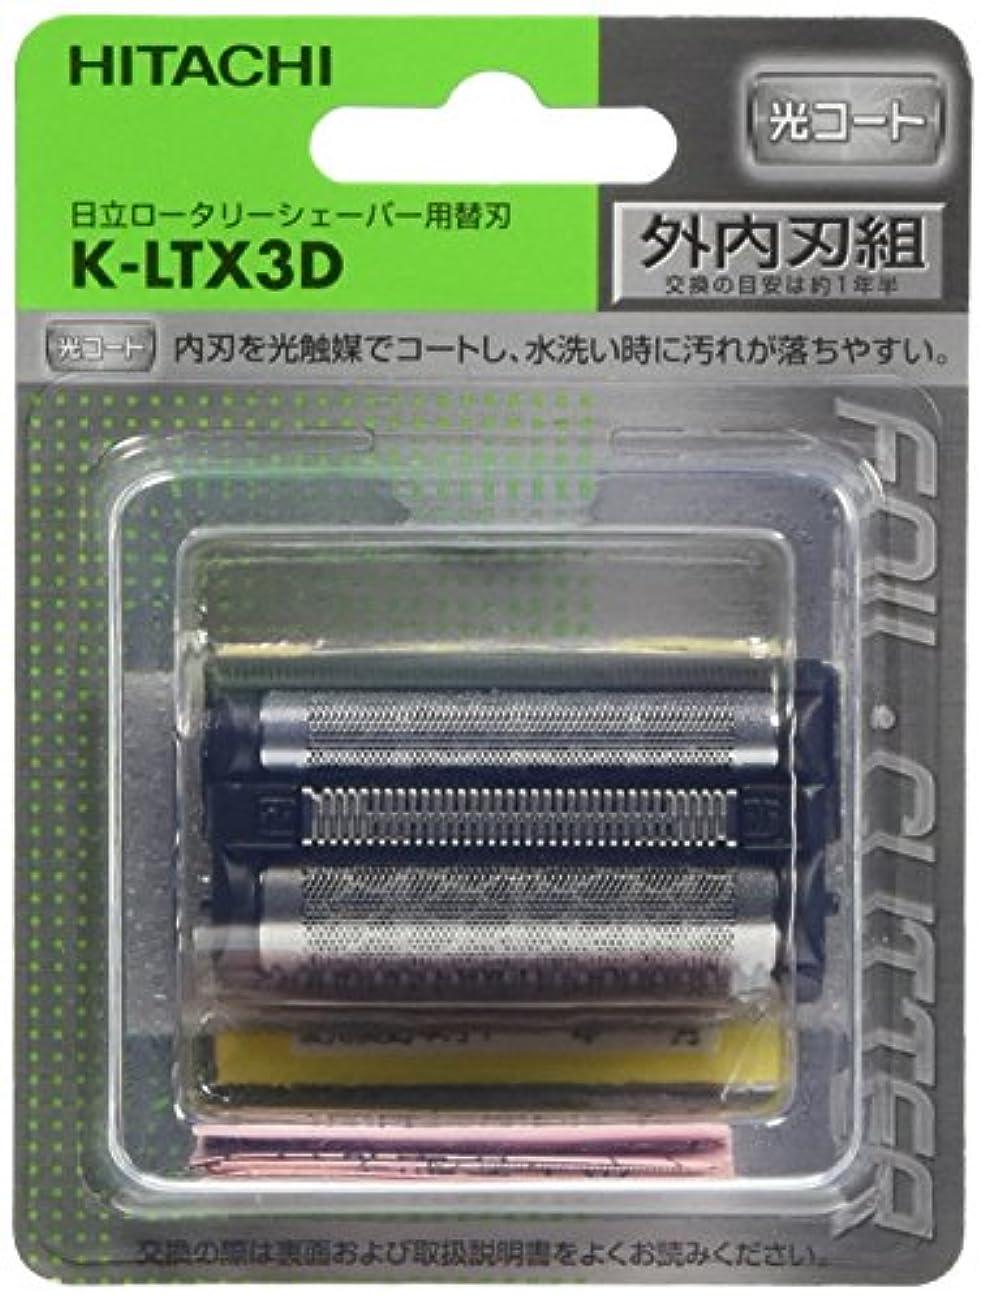 納屋上陸北東日立 メンズシェーバー用替刃 K-LTX3D